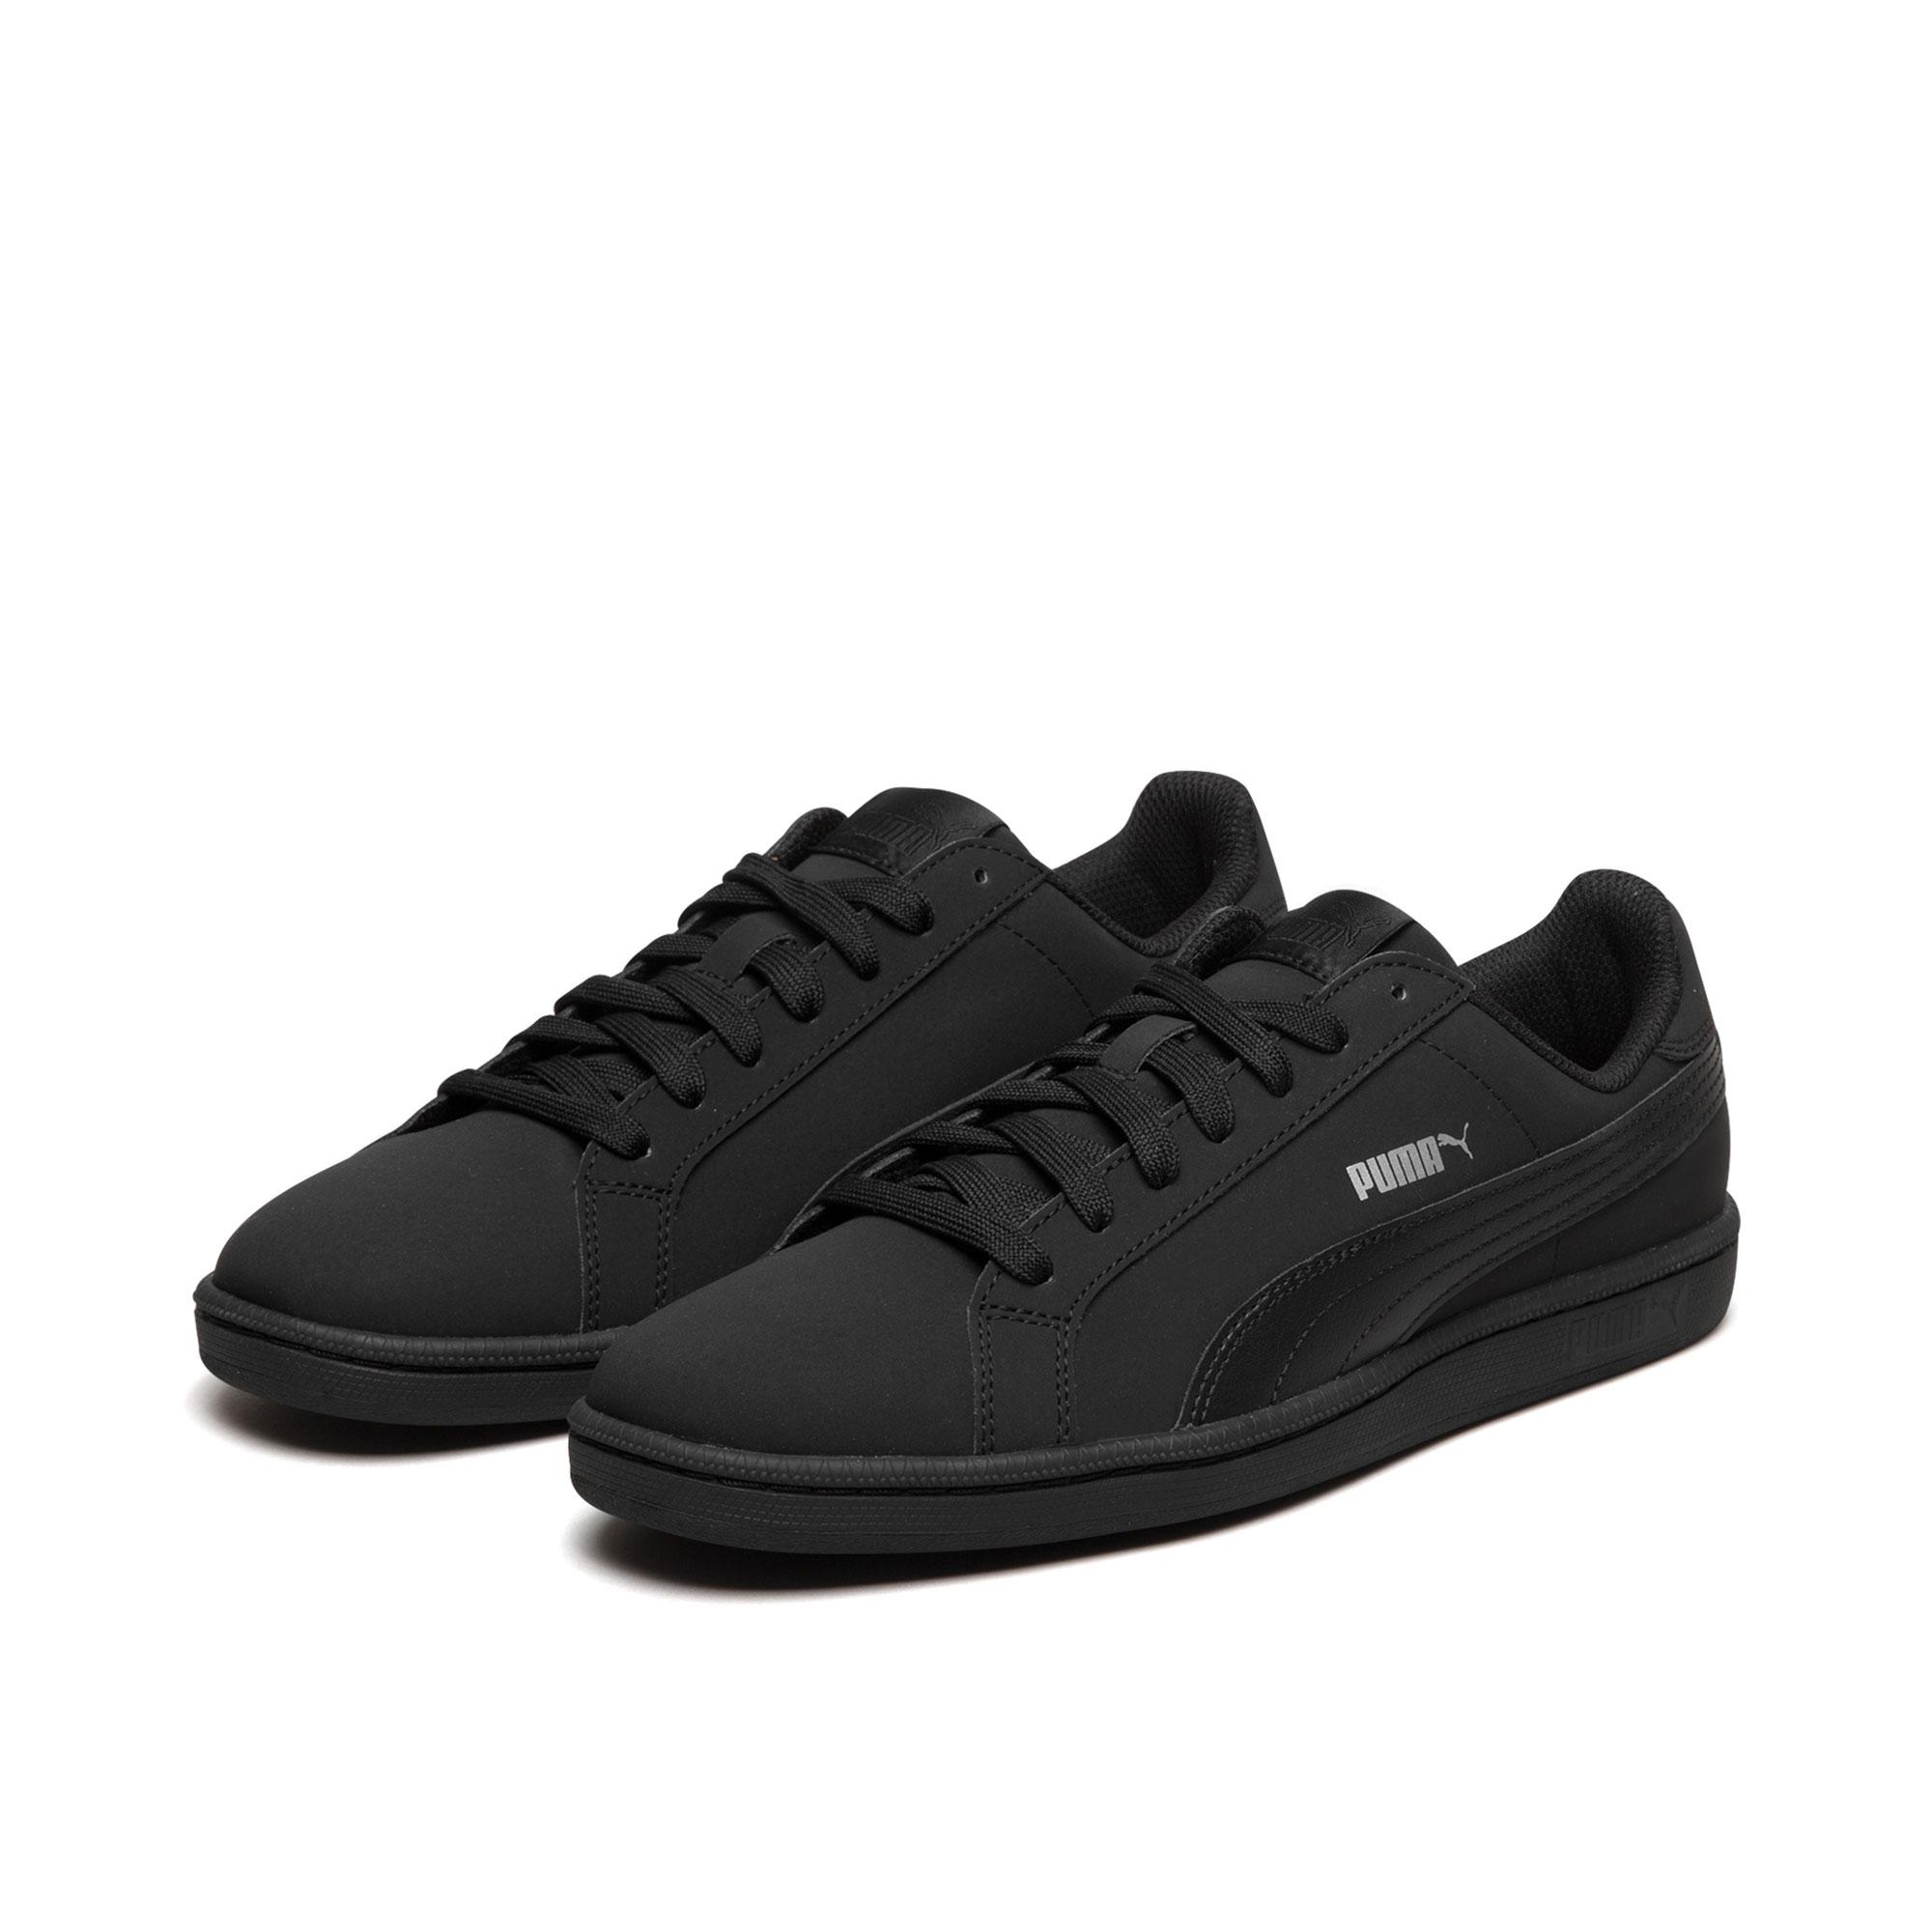 5635b63b5 ... PUMA PUMA أحذية رسمية للرجال والنساء الاحذية Smash Buck 356753 ...